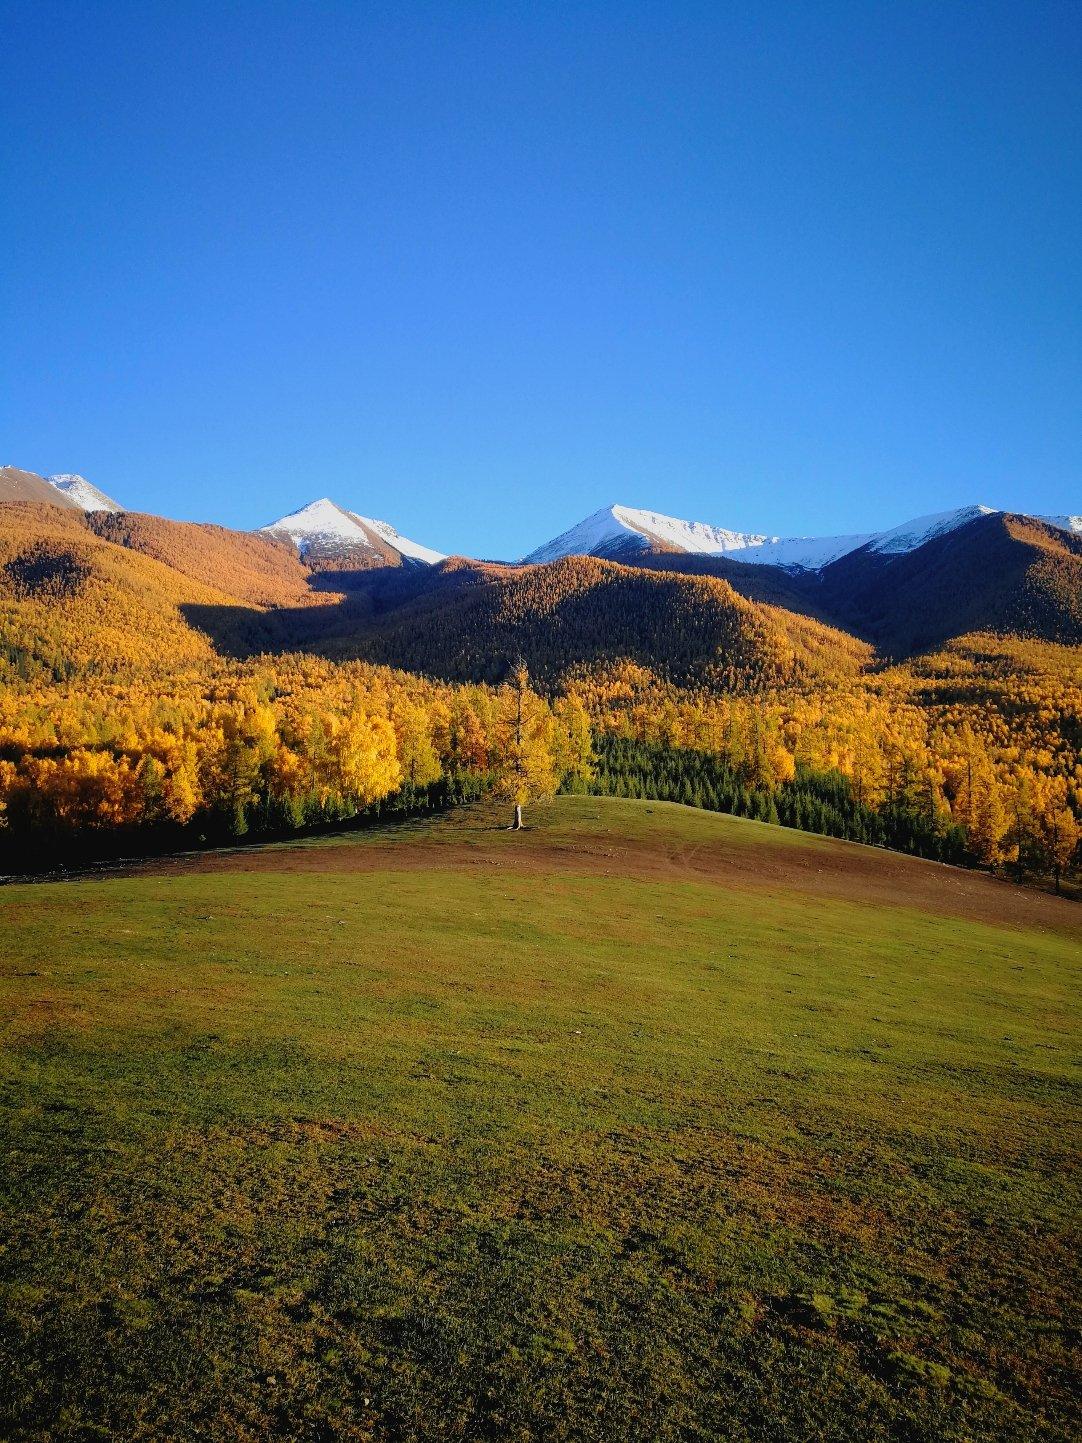 新疆维吾尔自治区阿勒泰地区哈巴河县铁热克提乡白喀段天气预报